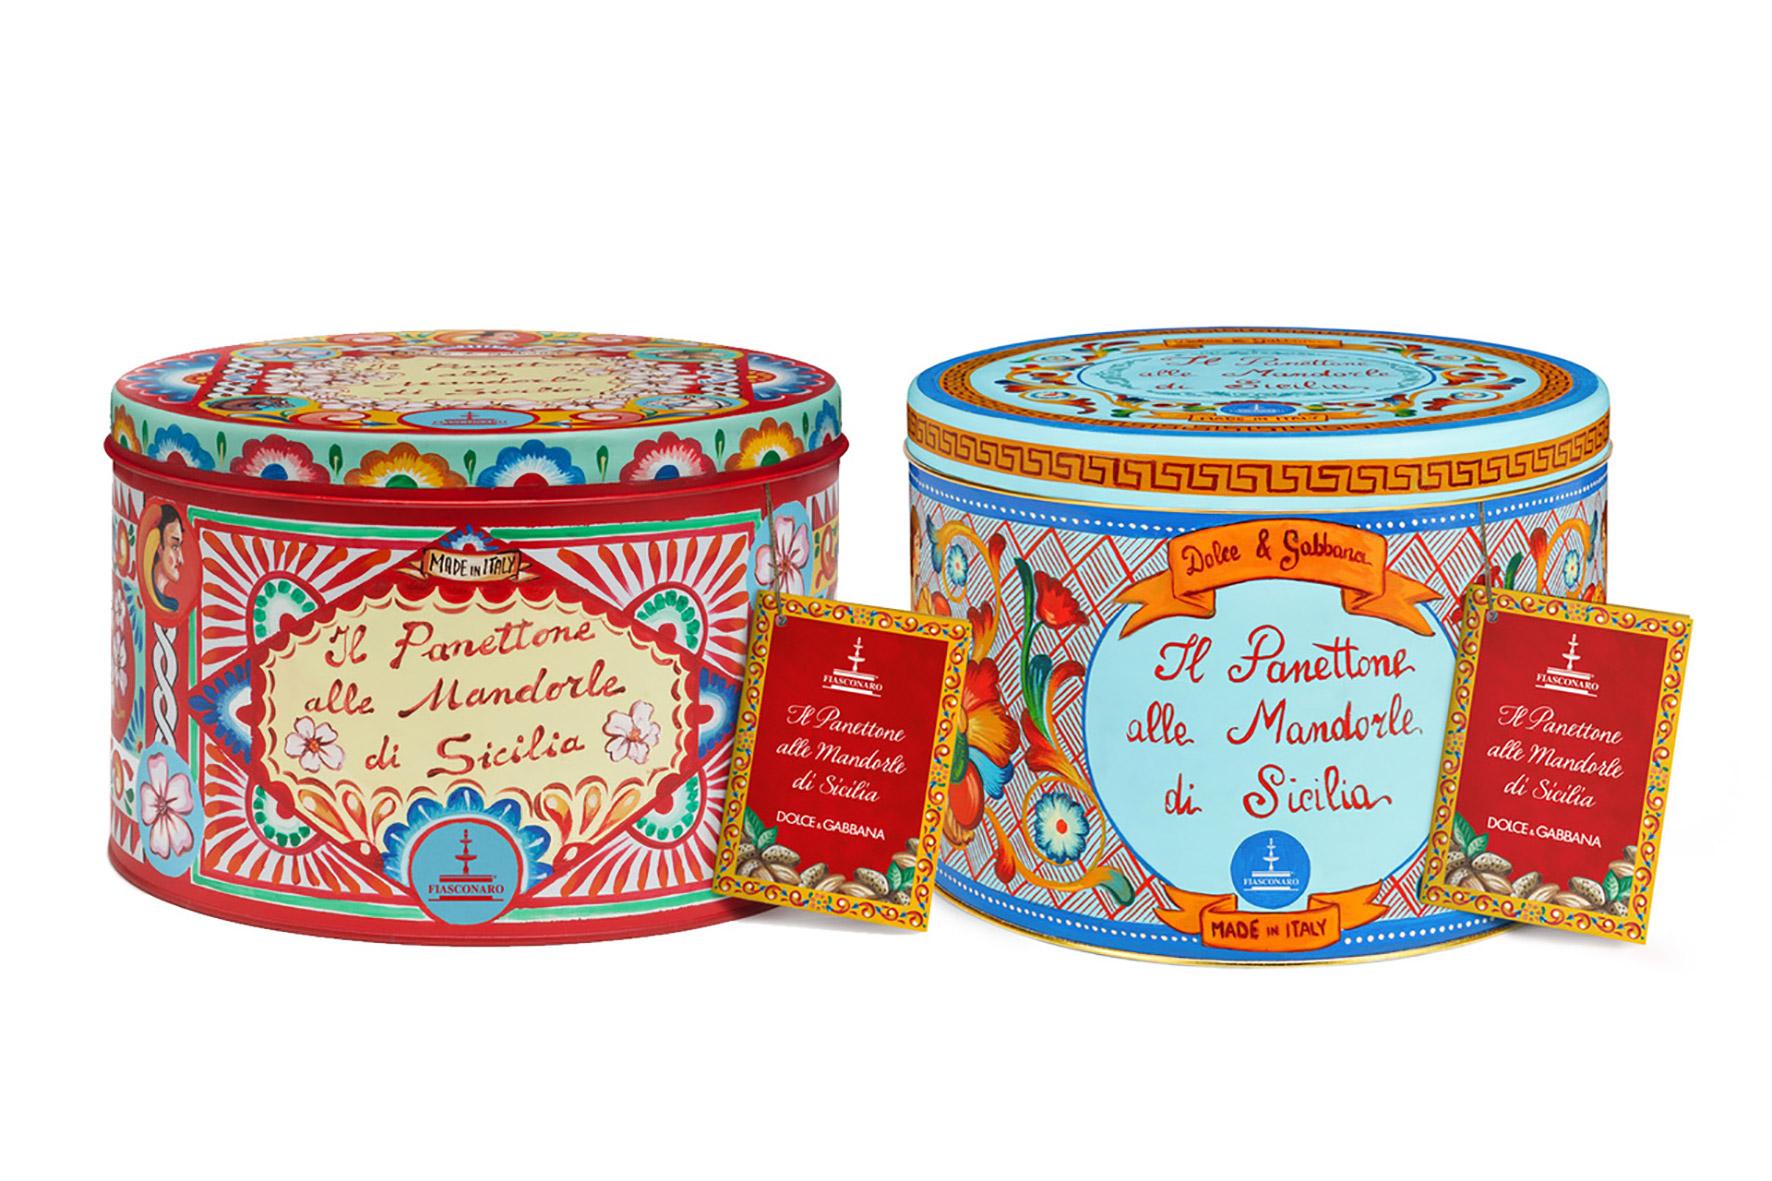 Il panettone alle Mandorle di Sicilia | Dolce & Gabbana | Fiasconaro